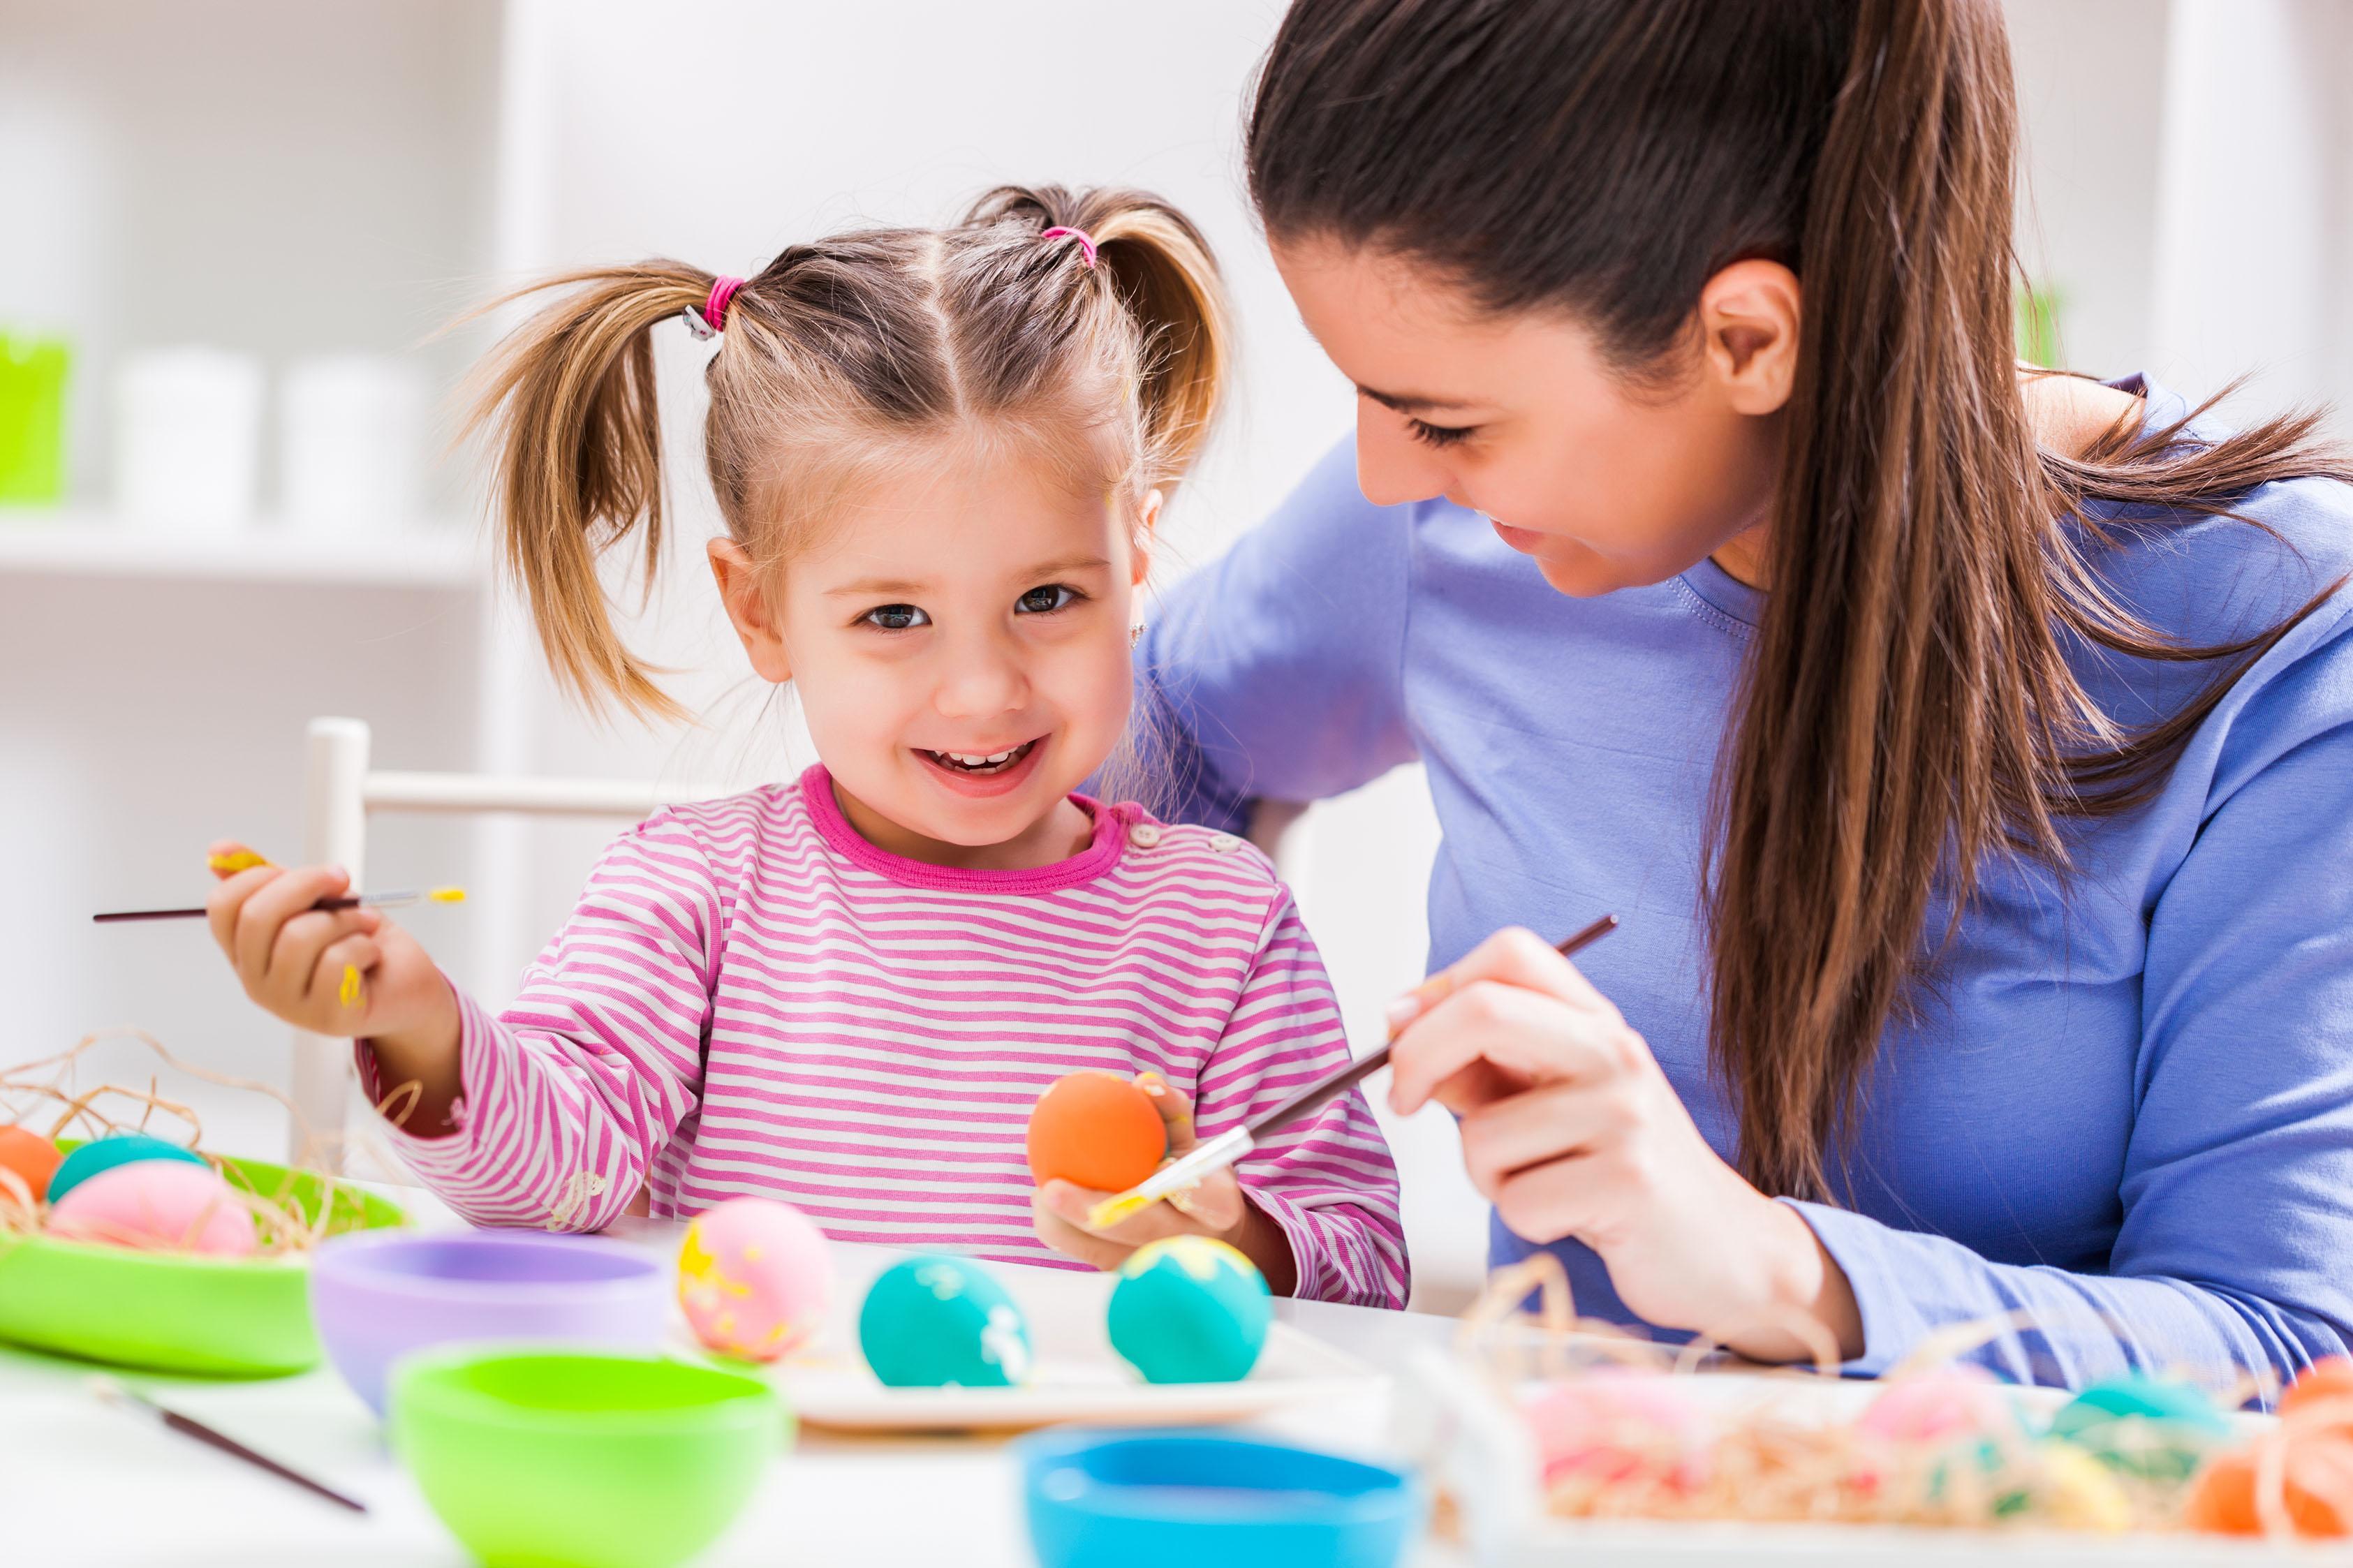 Como fazer babysitting pela primeira vez?